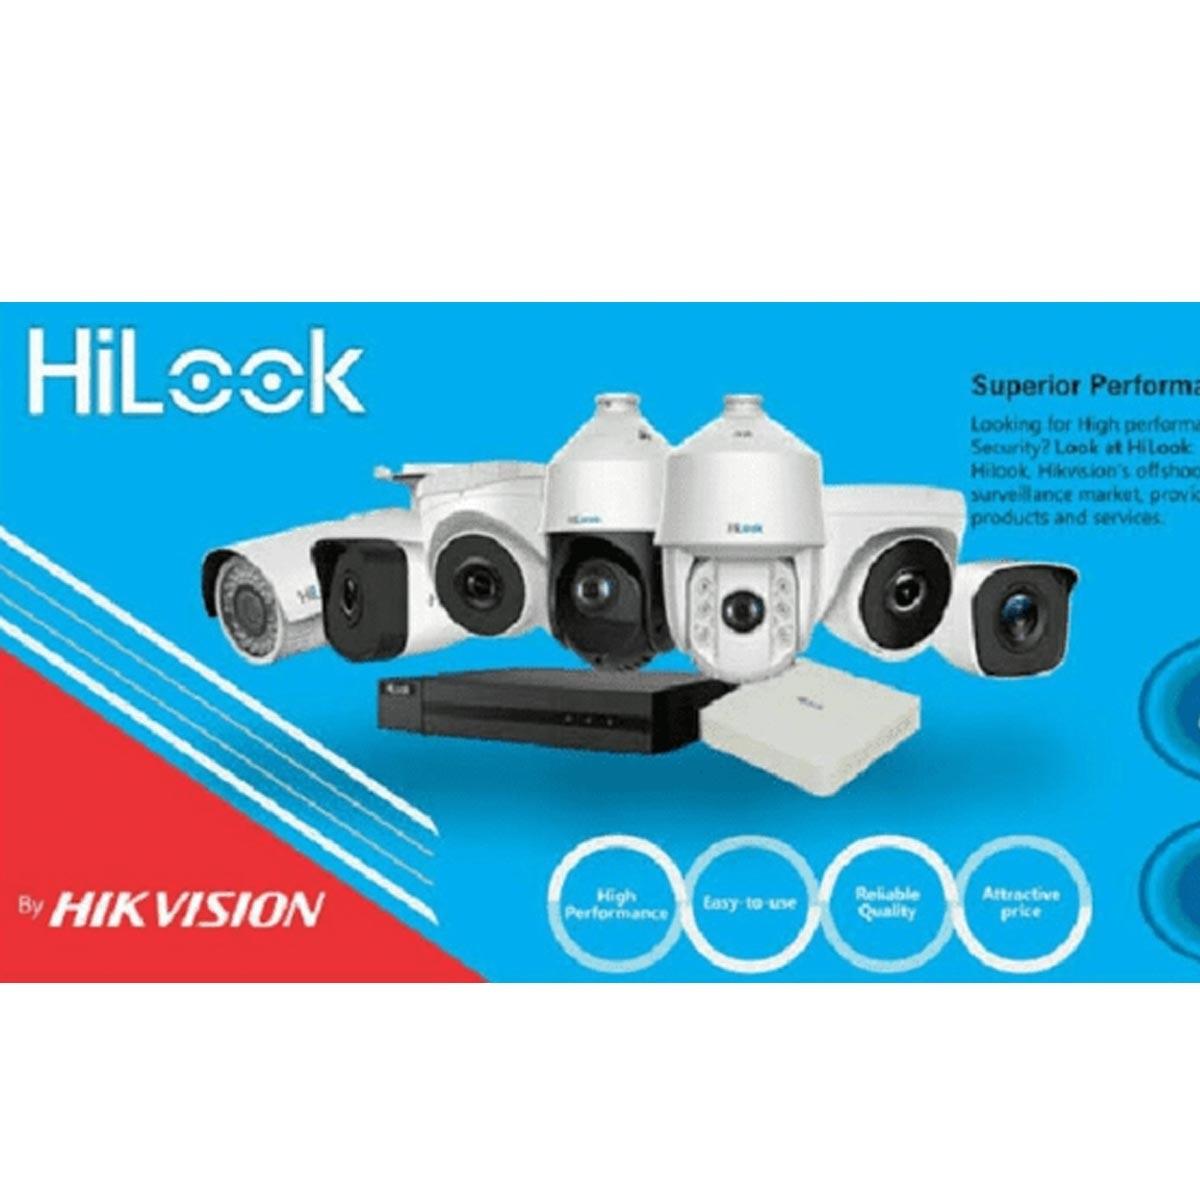 CÂMERA DOME HIKVISION HILOOK 20MTS 2MP 2,8MM PLAST. THC-T120C-P